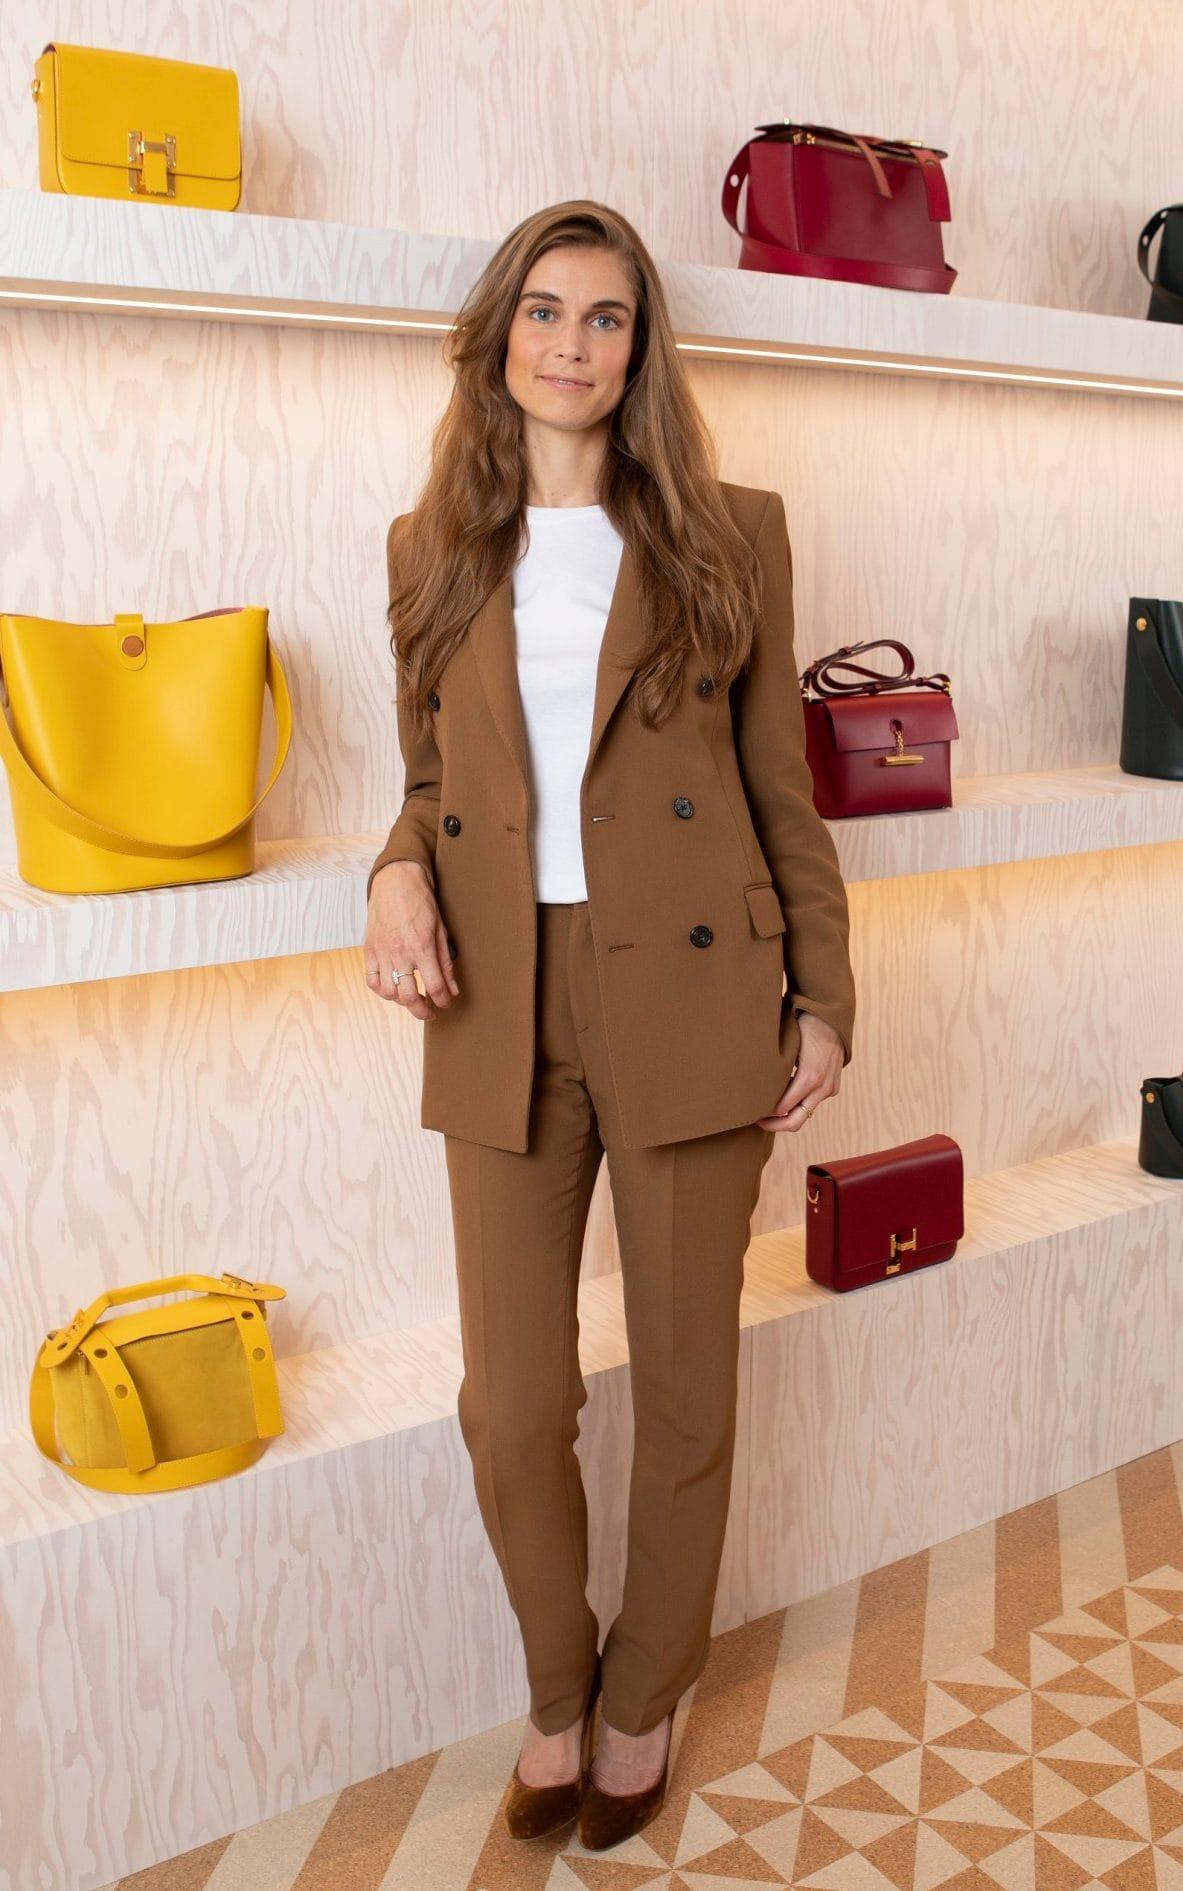 患疾病难以正常工作 英国设计师Sophie Hulme将关闭个人品牌Sophie Hulme